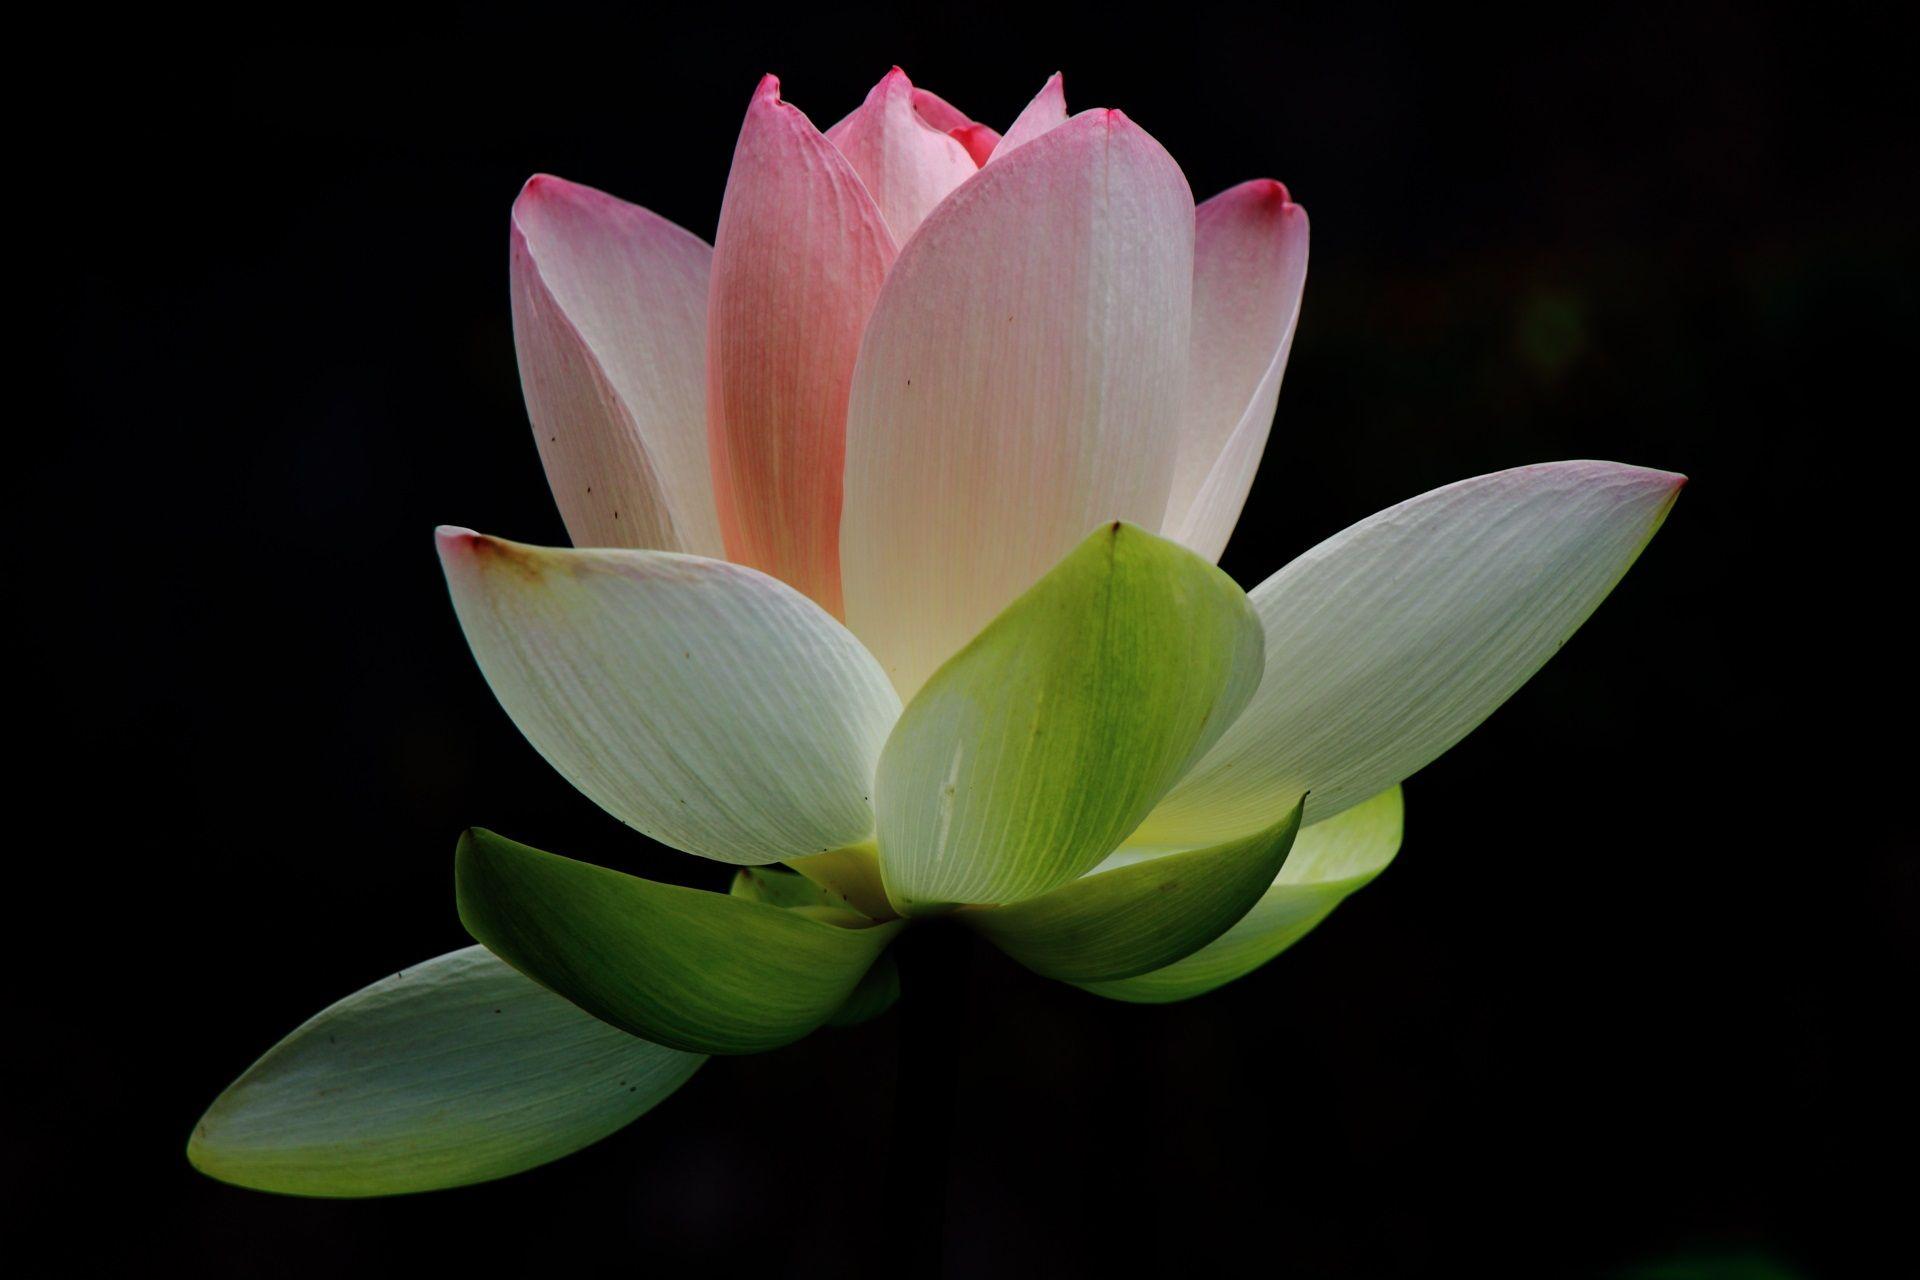 暗闇で浮かび上がる蓮の花 ハスの花 アジアのアート 蓮の花